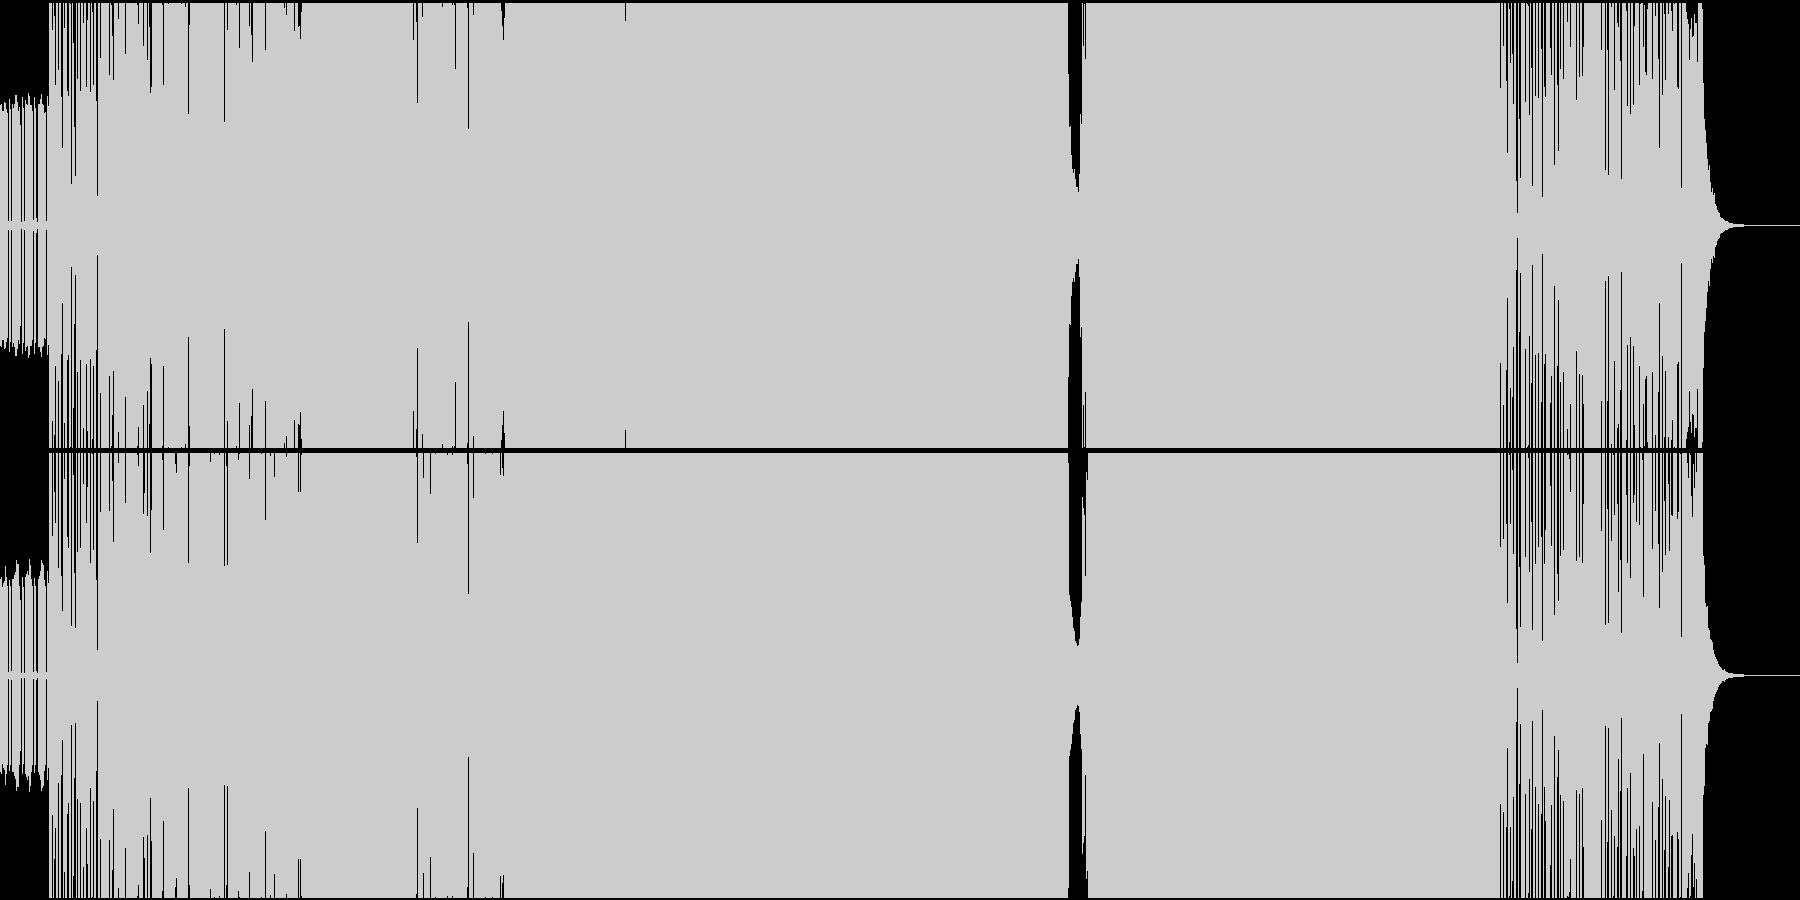 シンセがピコピコ鳴っているヘビーロックの未再生の波形